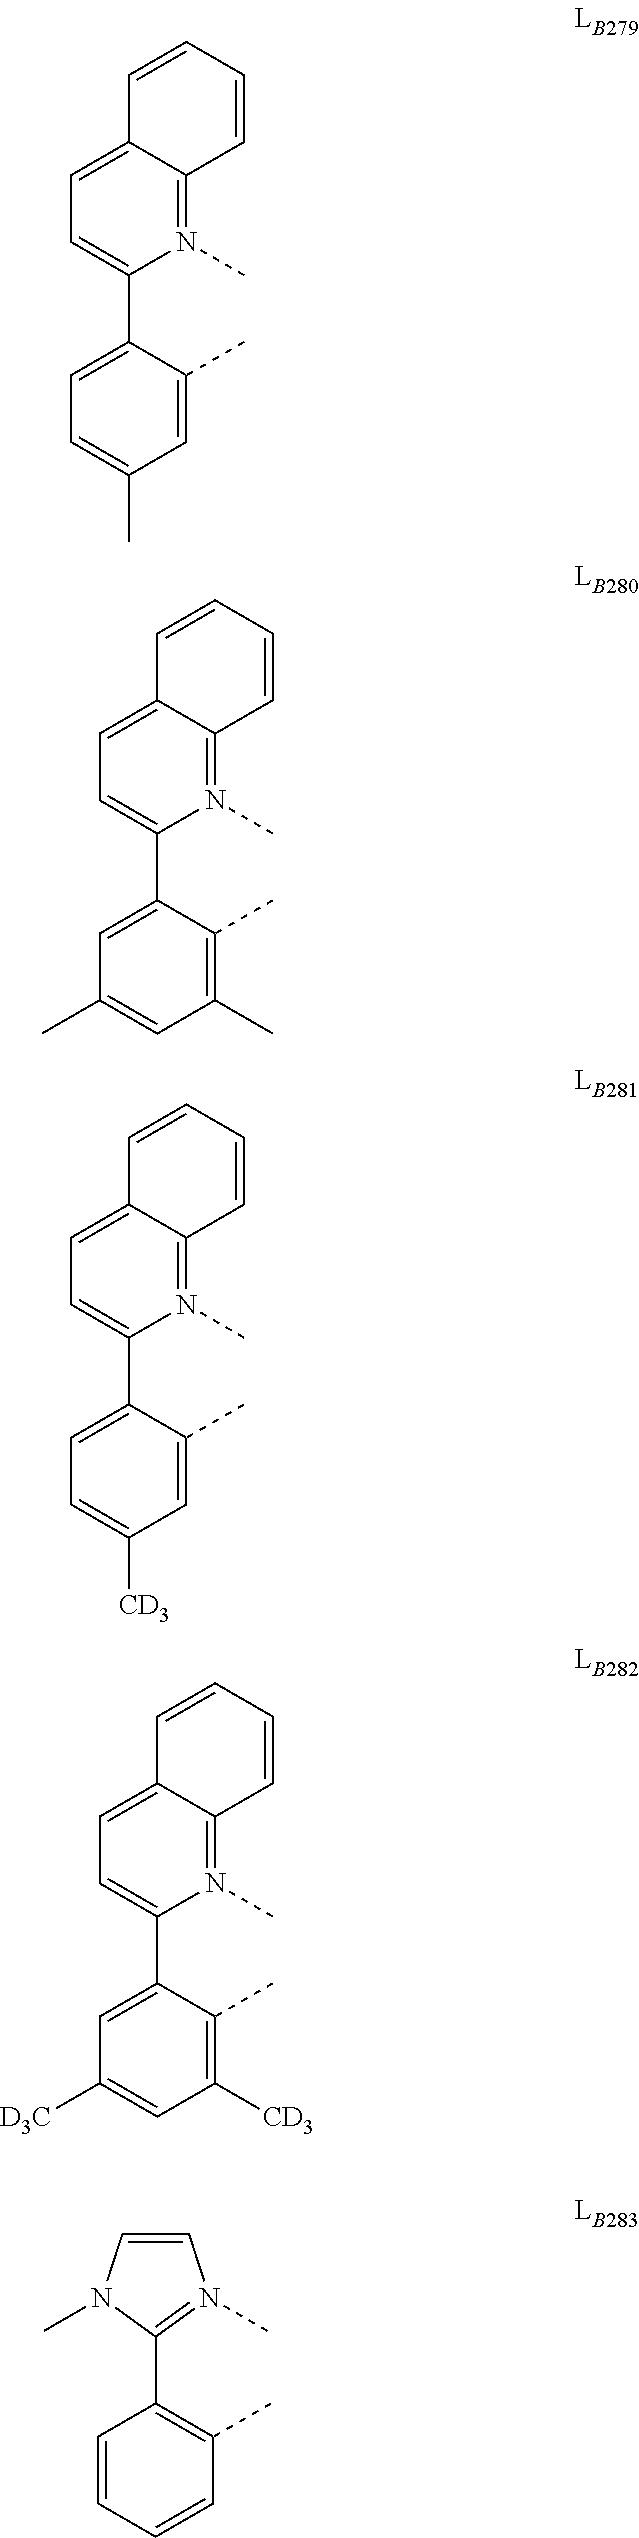 Figure US20180130962A1-20180510-C00317